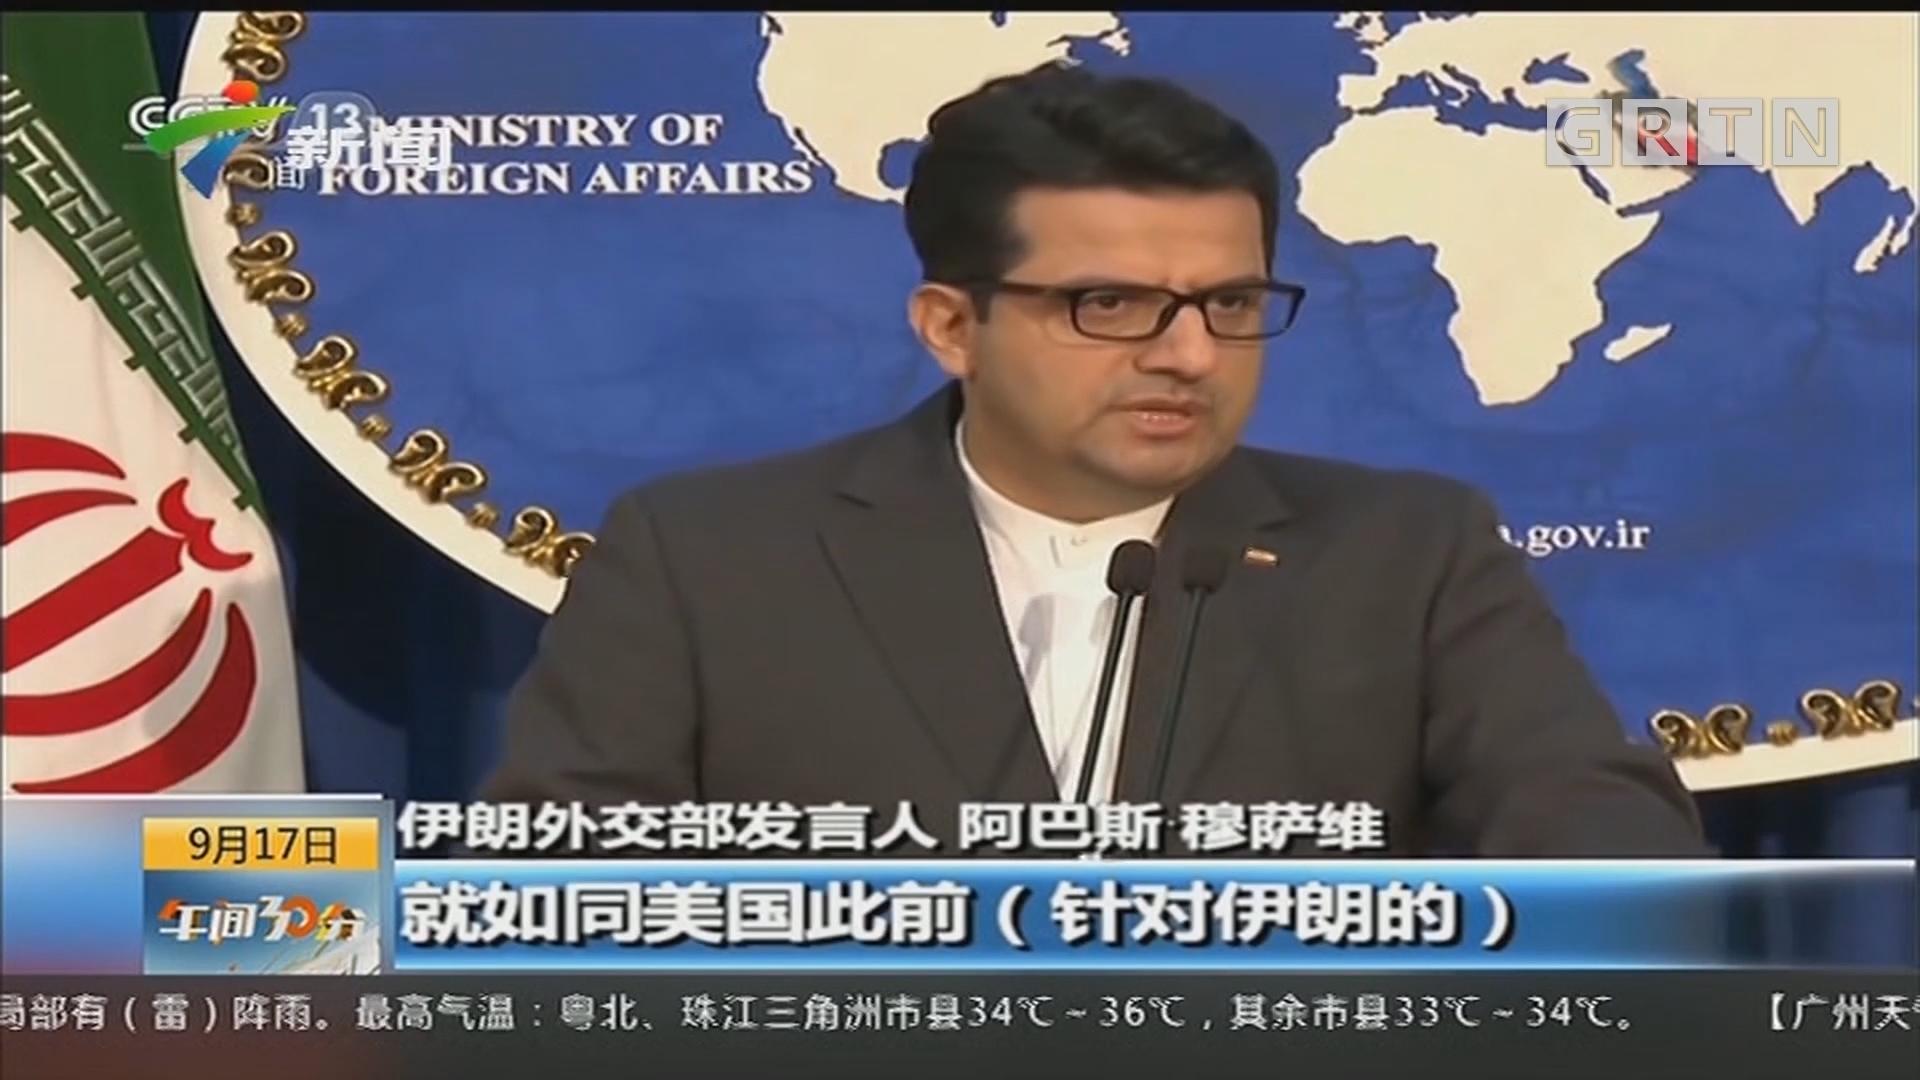 伊朗外交部记者会:鲁哈尼不会在联大期间会见特朗普